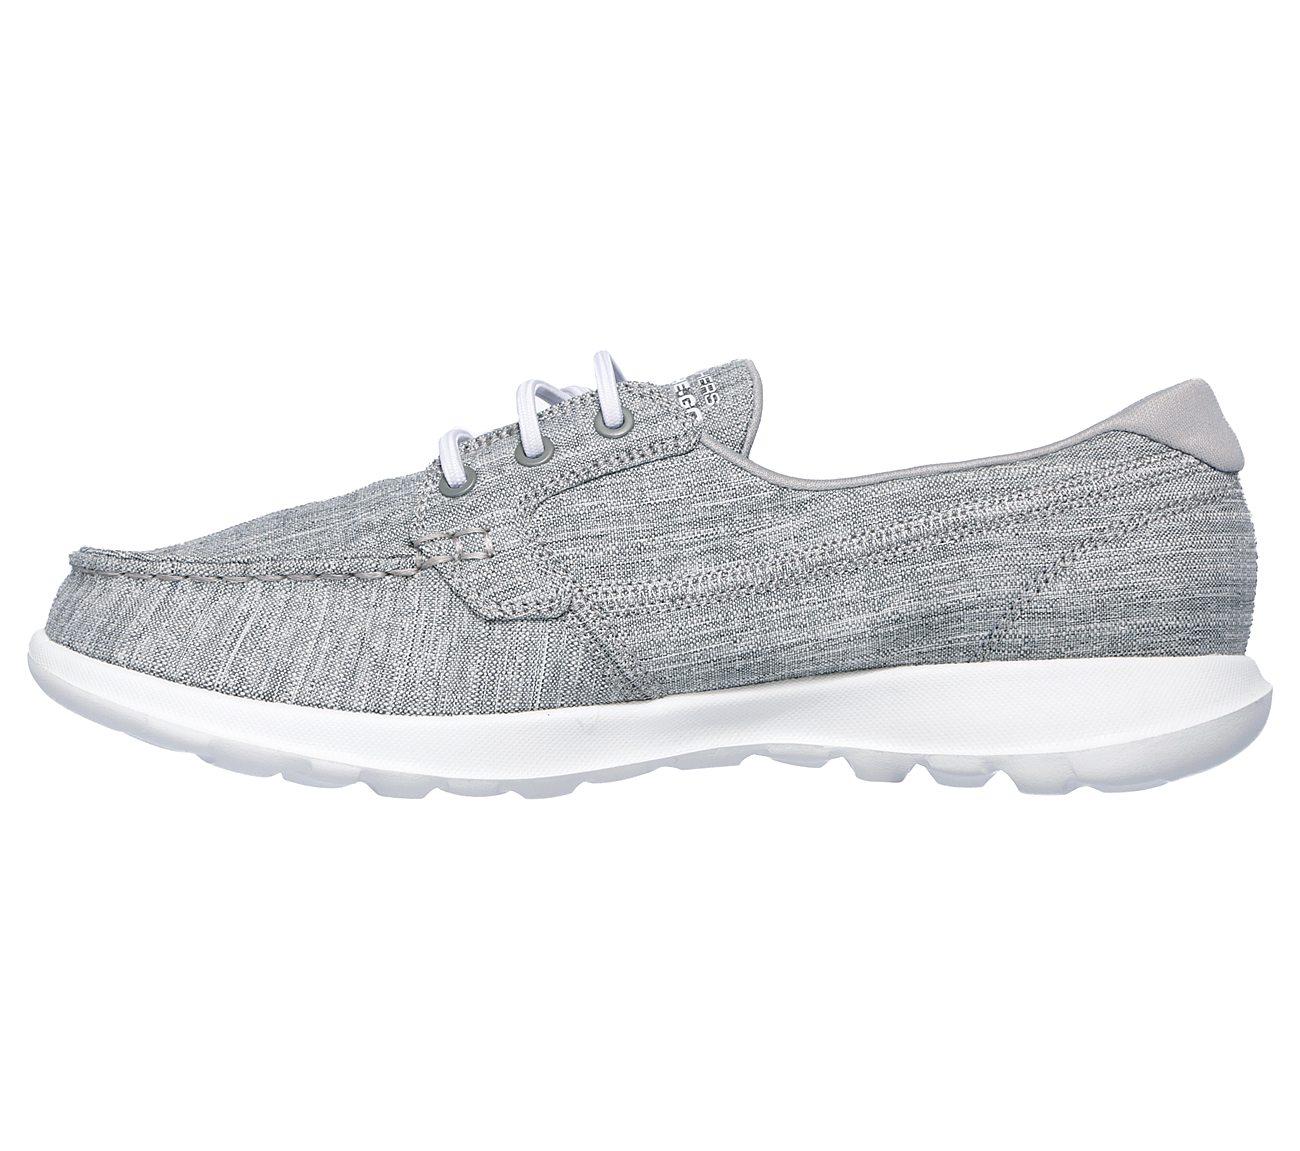 5aaa140df2bde Buy SKECHERS Skechers GOwalk Lite - Isla Skechers Performance Shoes ...